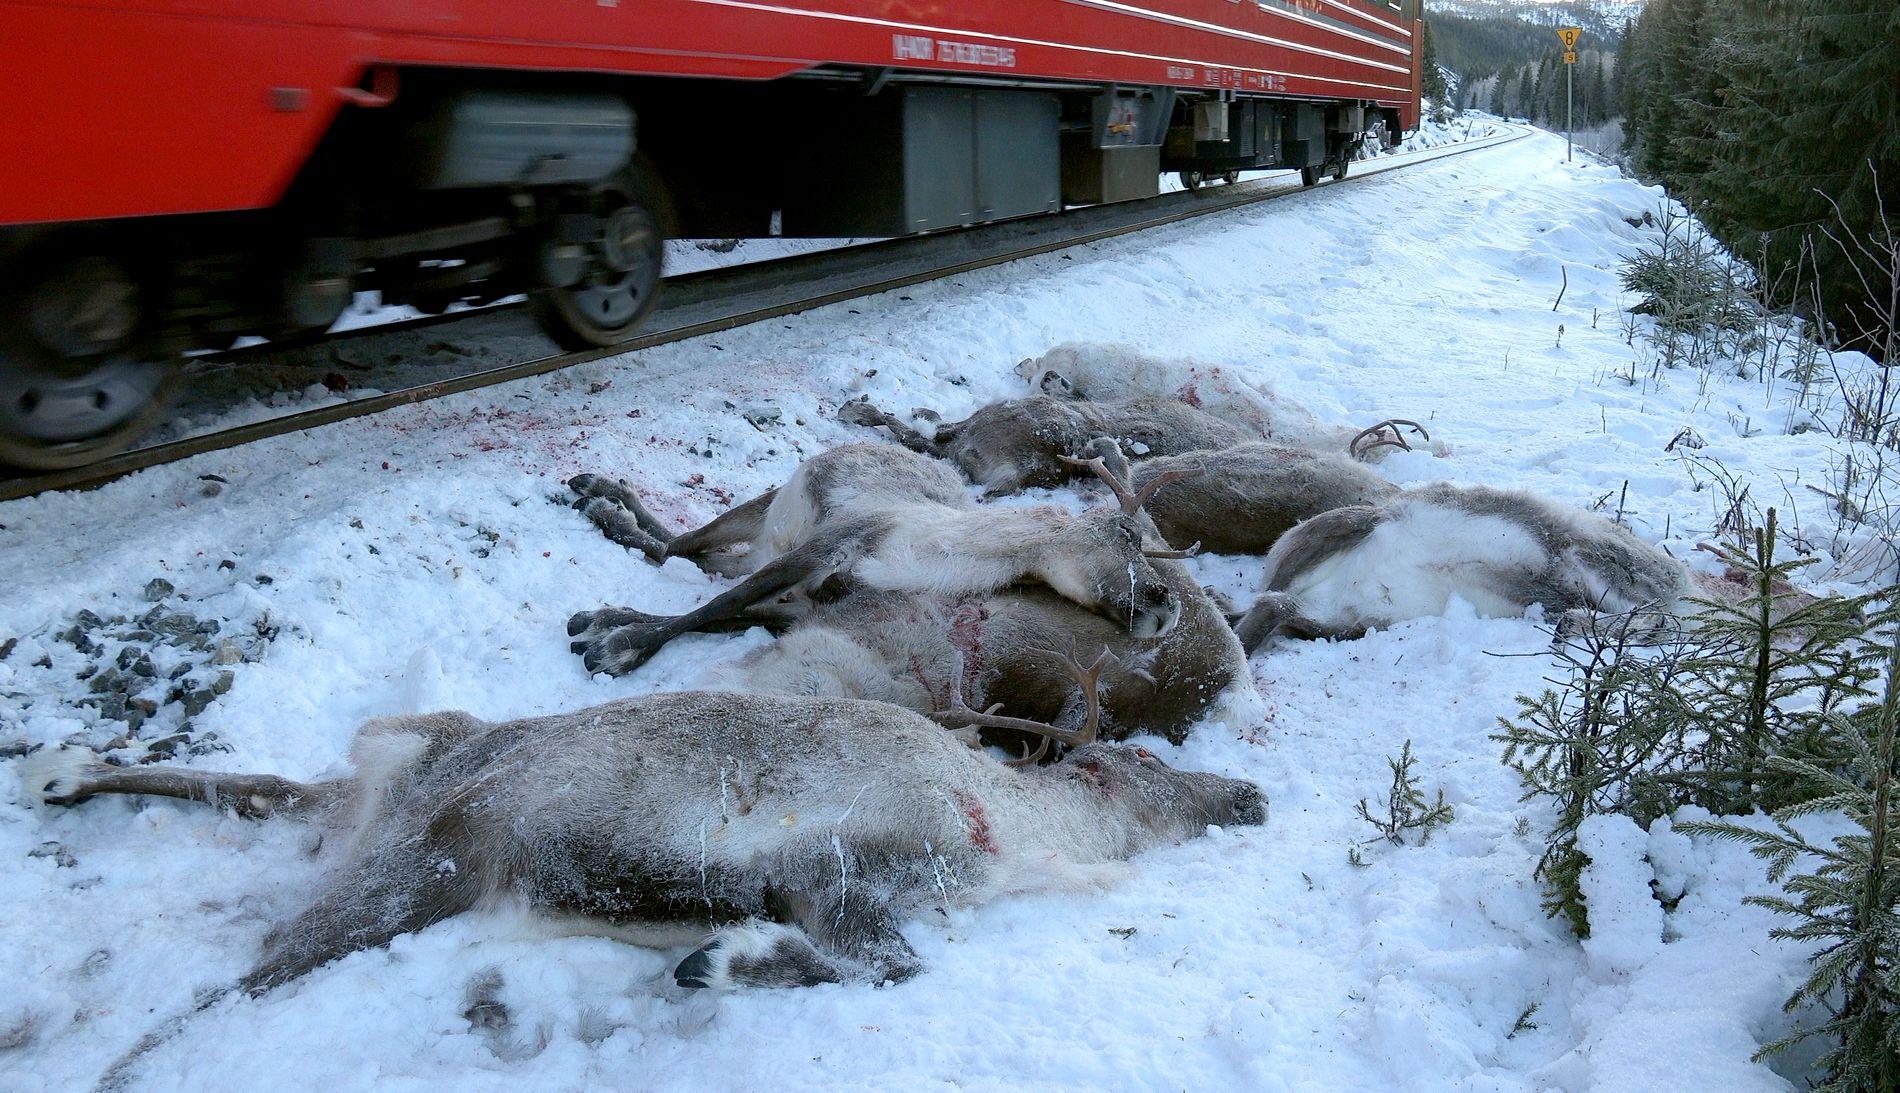 MASSEPÅKJØRSEL: Et tog passerer døde reinsdyr som ligger ved siden av jernbanesporet ved Kvalforsbrua mellom Eiterstrøm og Mosjøen på Helgeland lørdag sist uke. Over 100 reinsdyr i området er påkjørt og drept av tog de siste dagene.